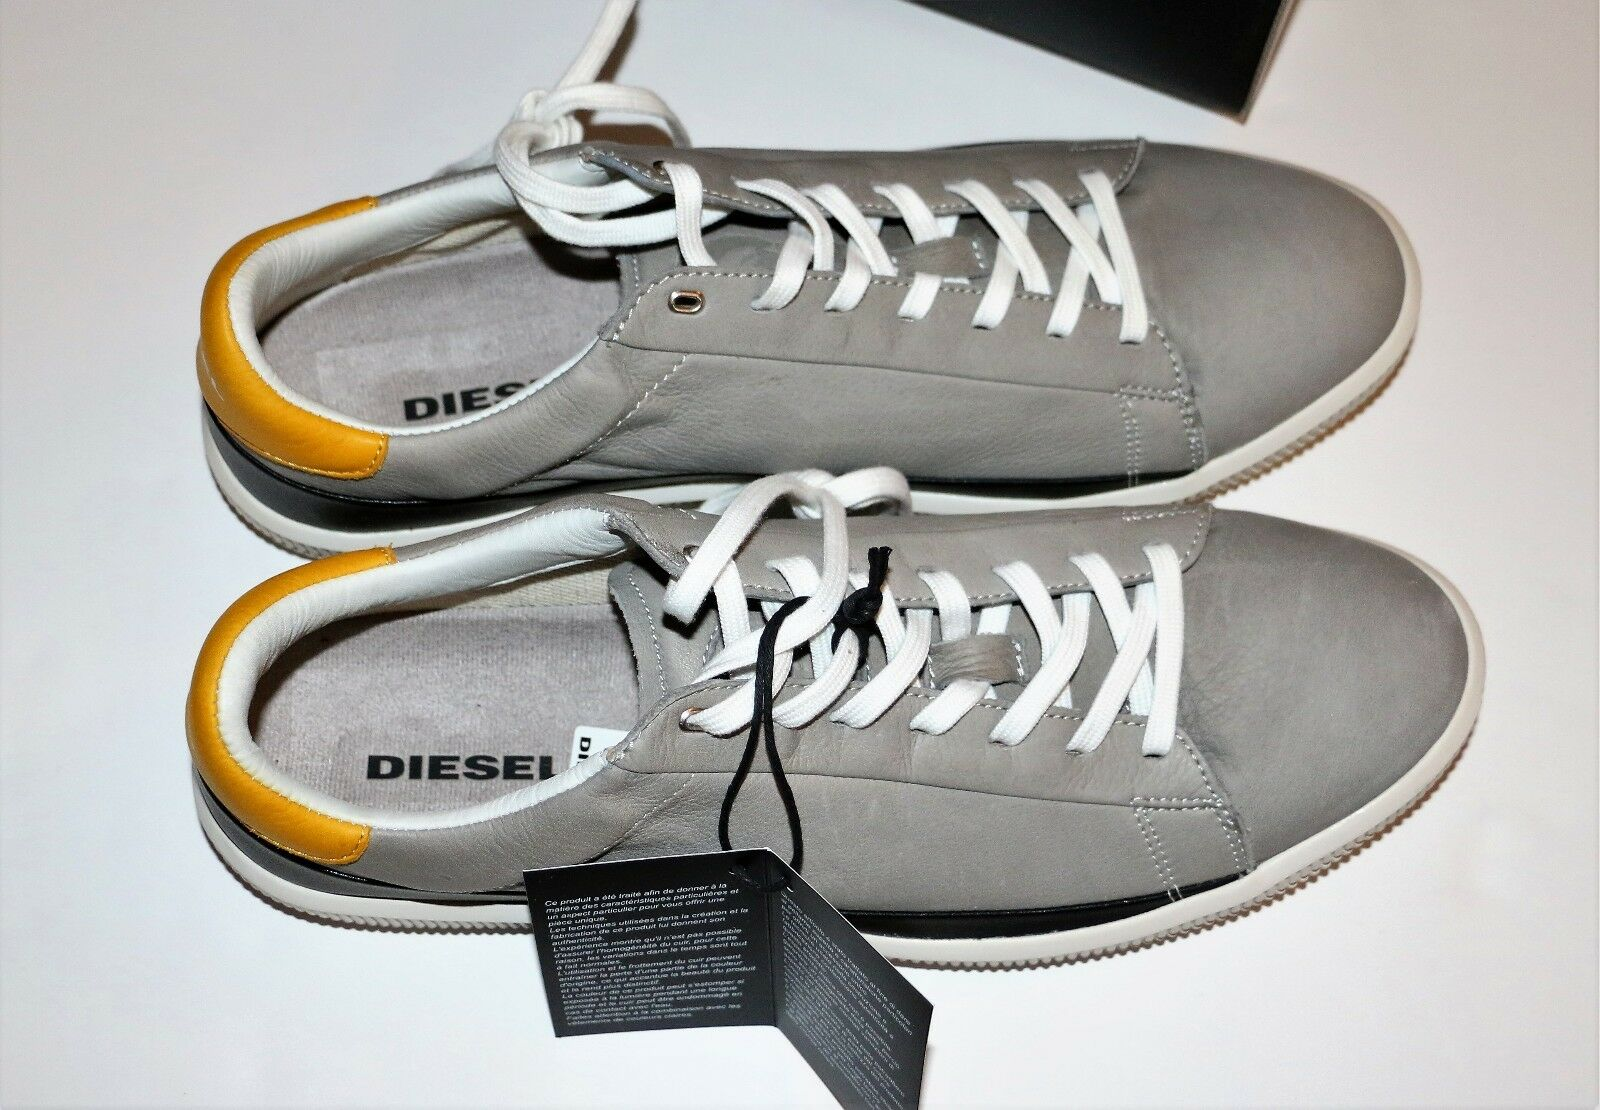 neue diesel - grau und schwarz dyneckt s-naptik größe niedrigen top sneakers männer größe s-naptik 12 m schuhe 93e58a